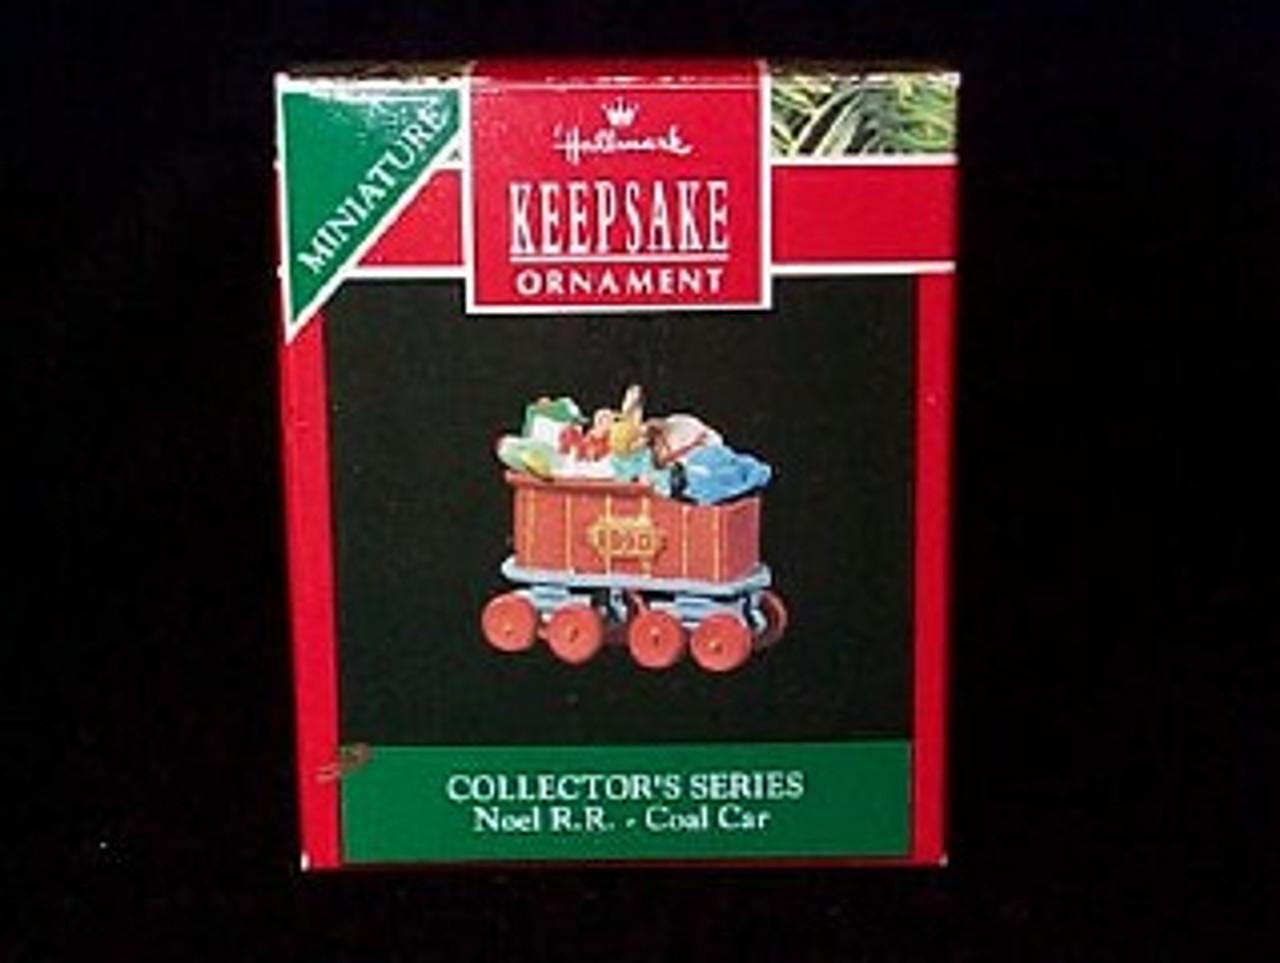 Coal Car Collector/'s Series #2 train car 1990 Hallmark miniature NOEL R.R